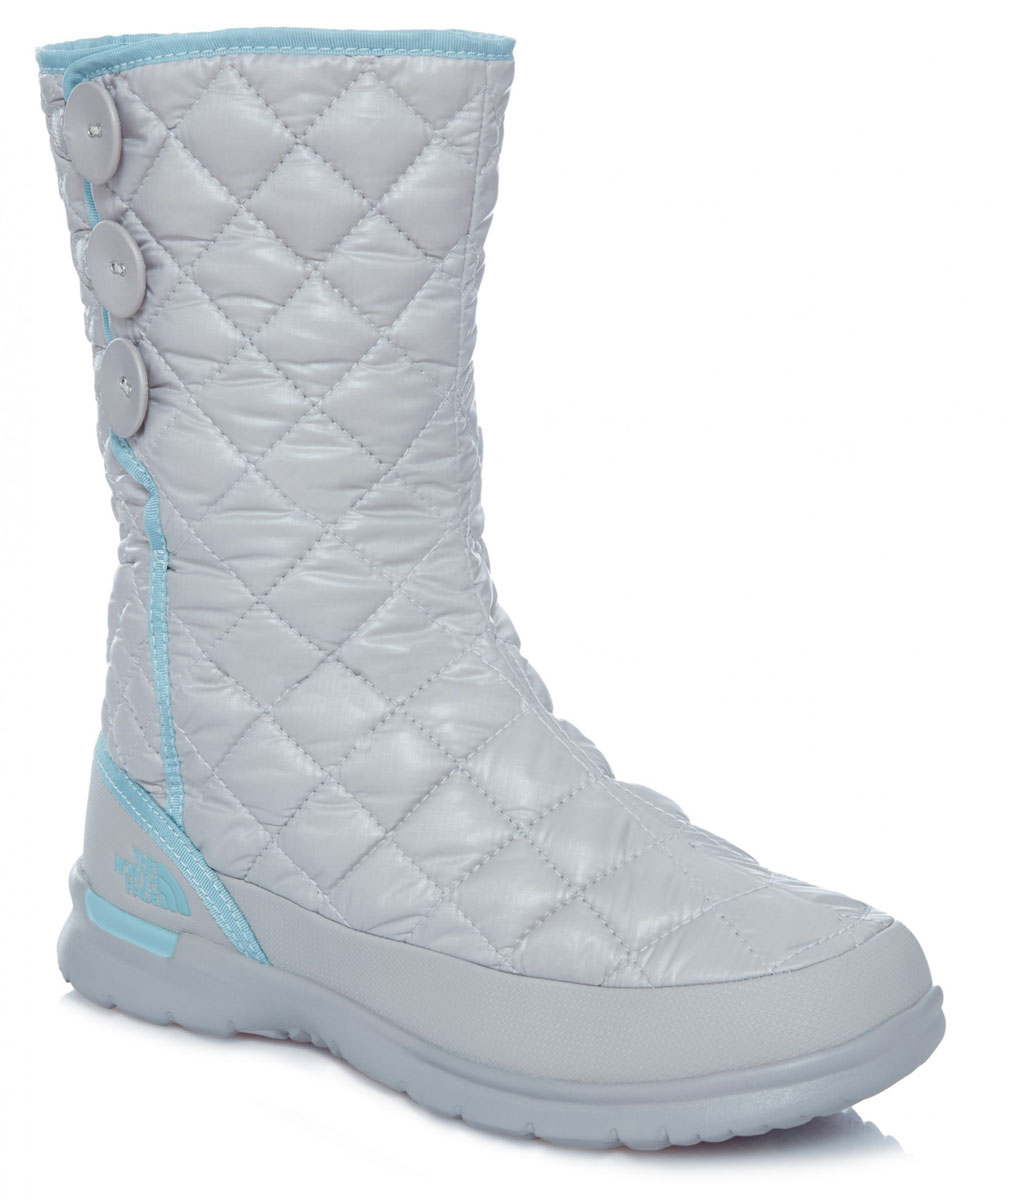 Сапоги женские The North Face W Thrmoball Button Up, цвет: серый. T92T5KNLT. Размер 10 (40)T92T5KNLTЛегкие и удобные стильные сапоги на пуговицах с регулируемым подгибом обеспечивают комфорт и великолепный внешний вид. Утеплитель Thermoball™ сохраняет тепло ног на снежной тропе, а благодаря протекторам IcePick®, вы никогда не поскользнетесь на обратном пути к лагерю. Стелька OrthoLite® ReBound и регулируемая посадка с флисовой подкладкой обеспечивают максимальный комфорт.